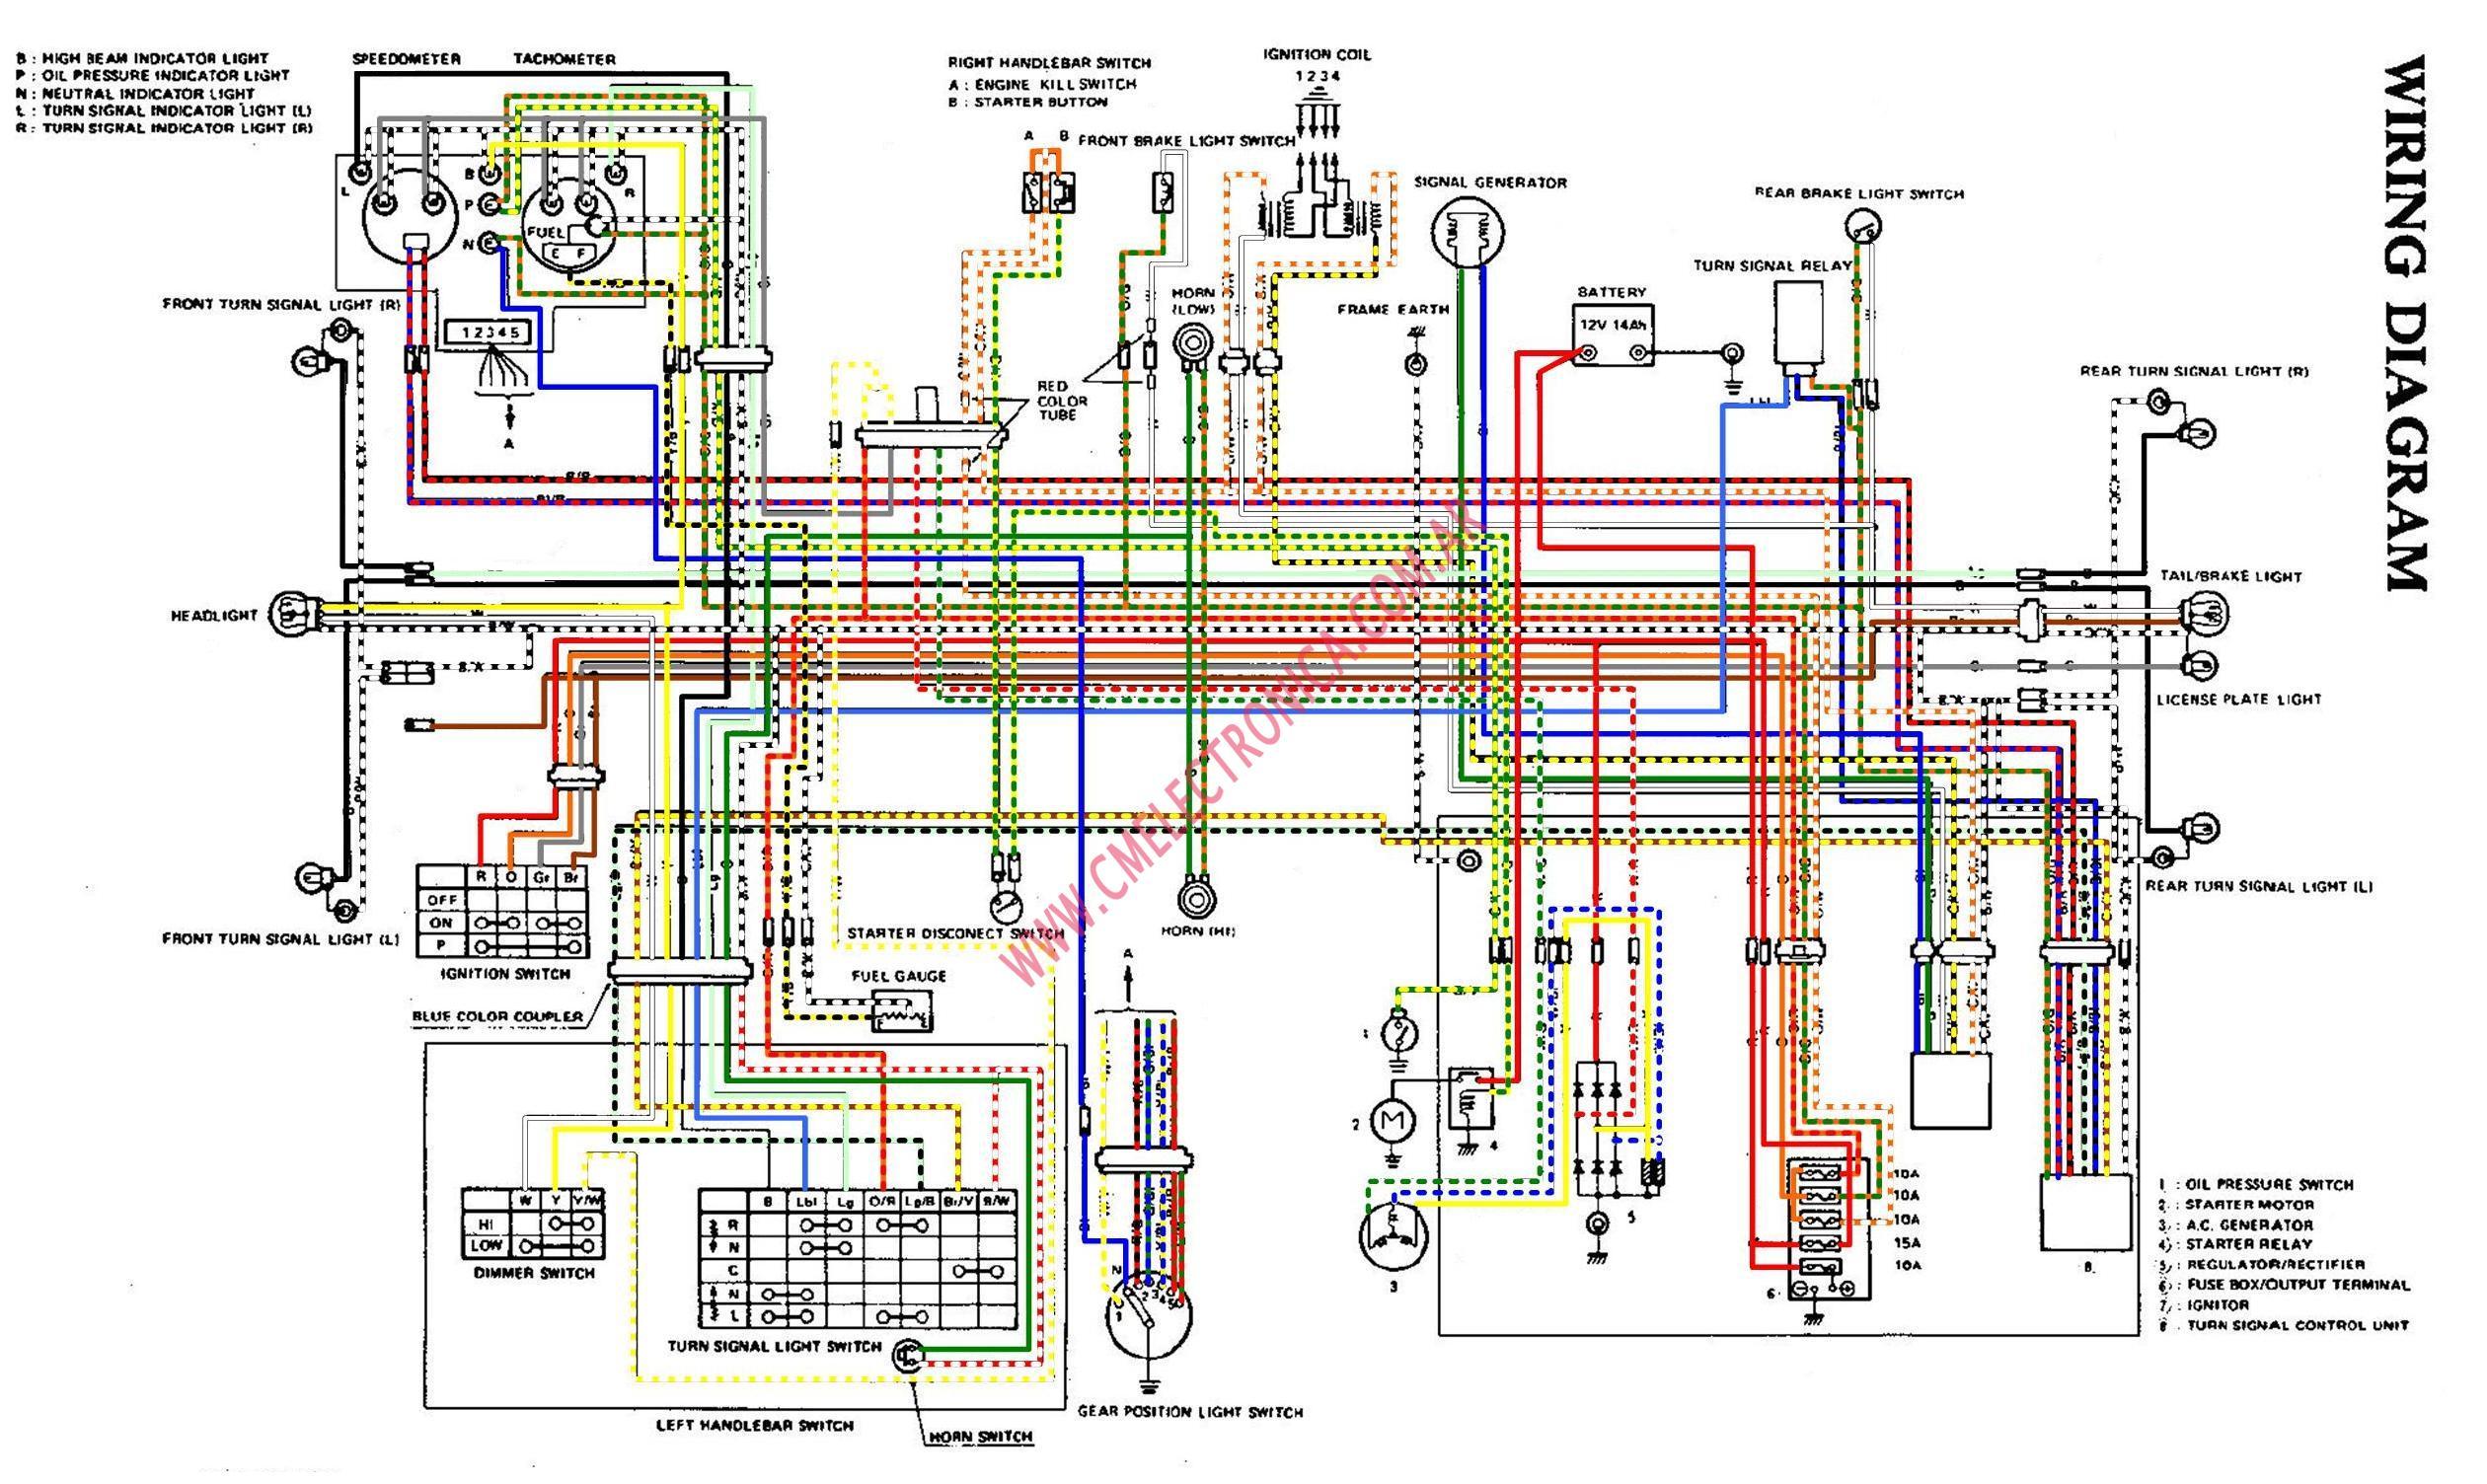 Suzuki Fa50 Wiring Diagram - Volex Switch Wiring Diagram -  tda2050.yenpancane.jeanjaures37.fr | 1980 Suzuki Fa50 Wiring Diagram |  | Wiring Diagram Resource